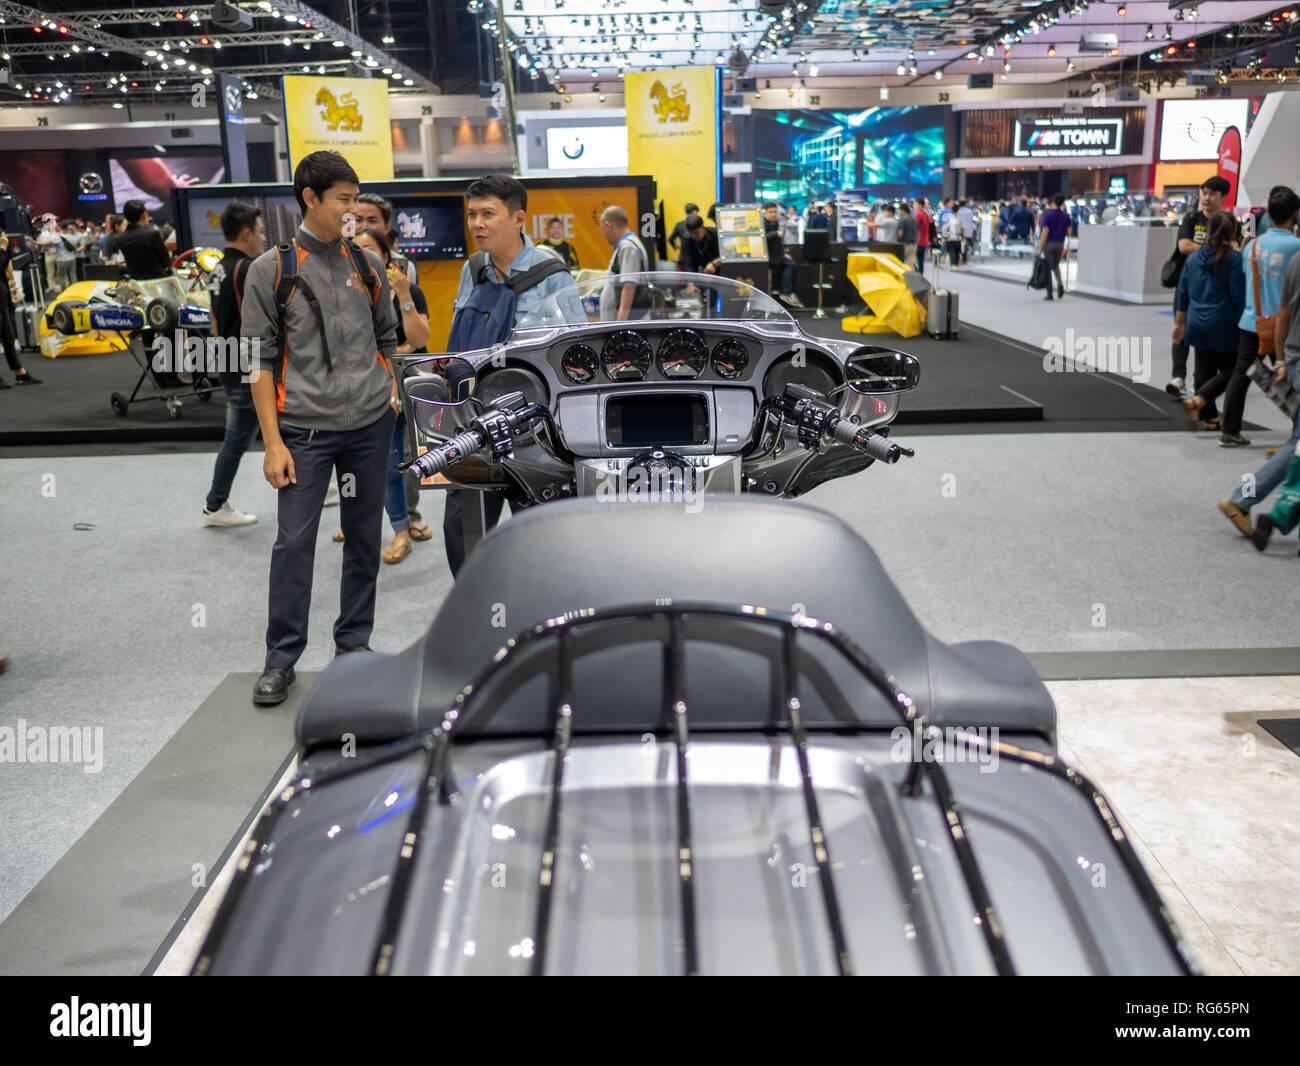 Bangkok, Thailand - November 30, 2018 :  Harley-Davidson Motorcycle and accessory at Thailand International Motor Expo 2018 (MOTOR EXPO 2018) on Nov 3 - Stock Image